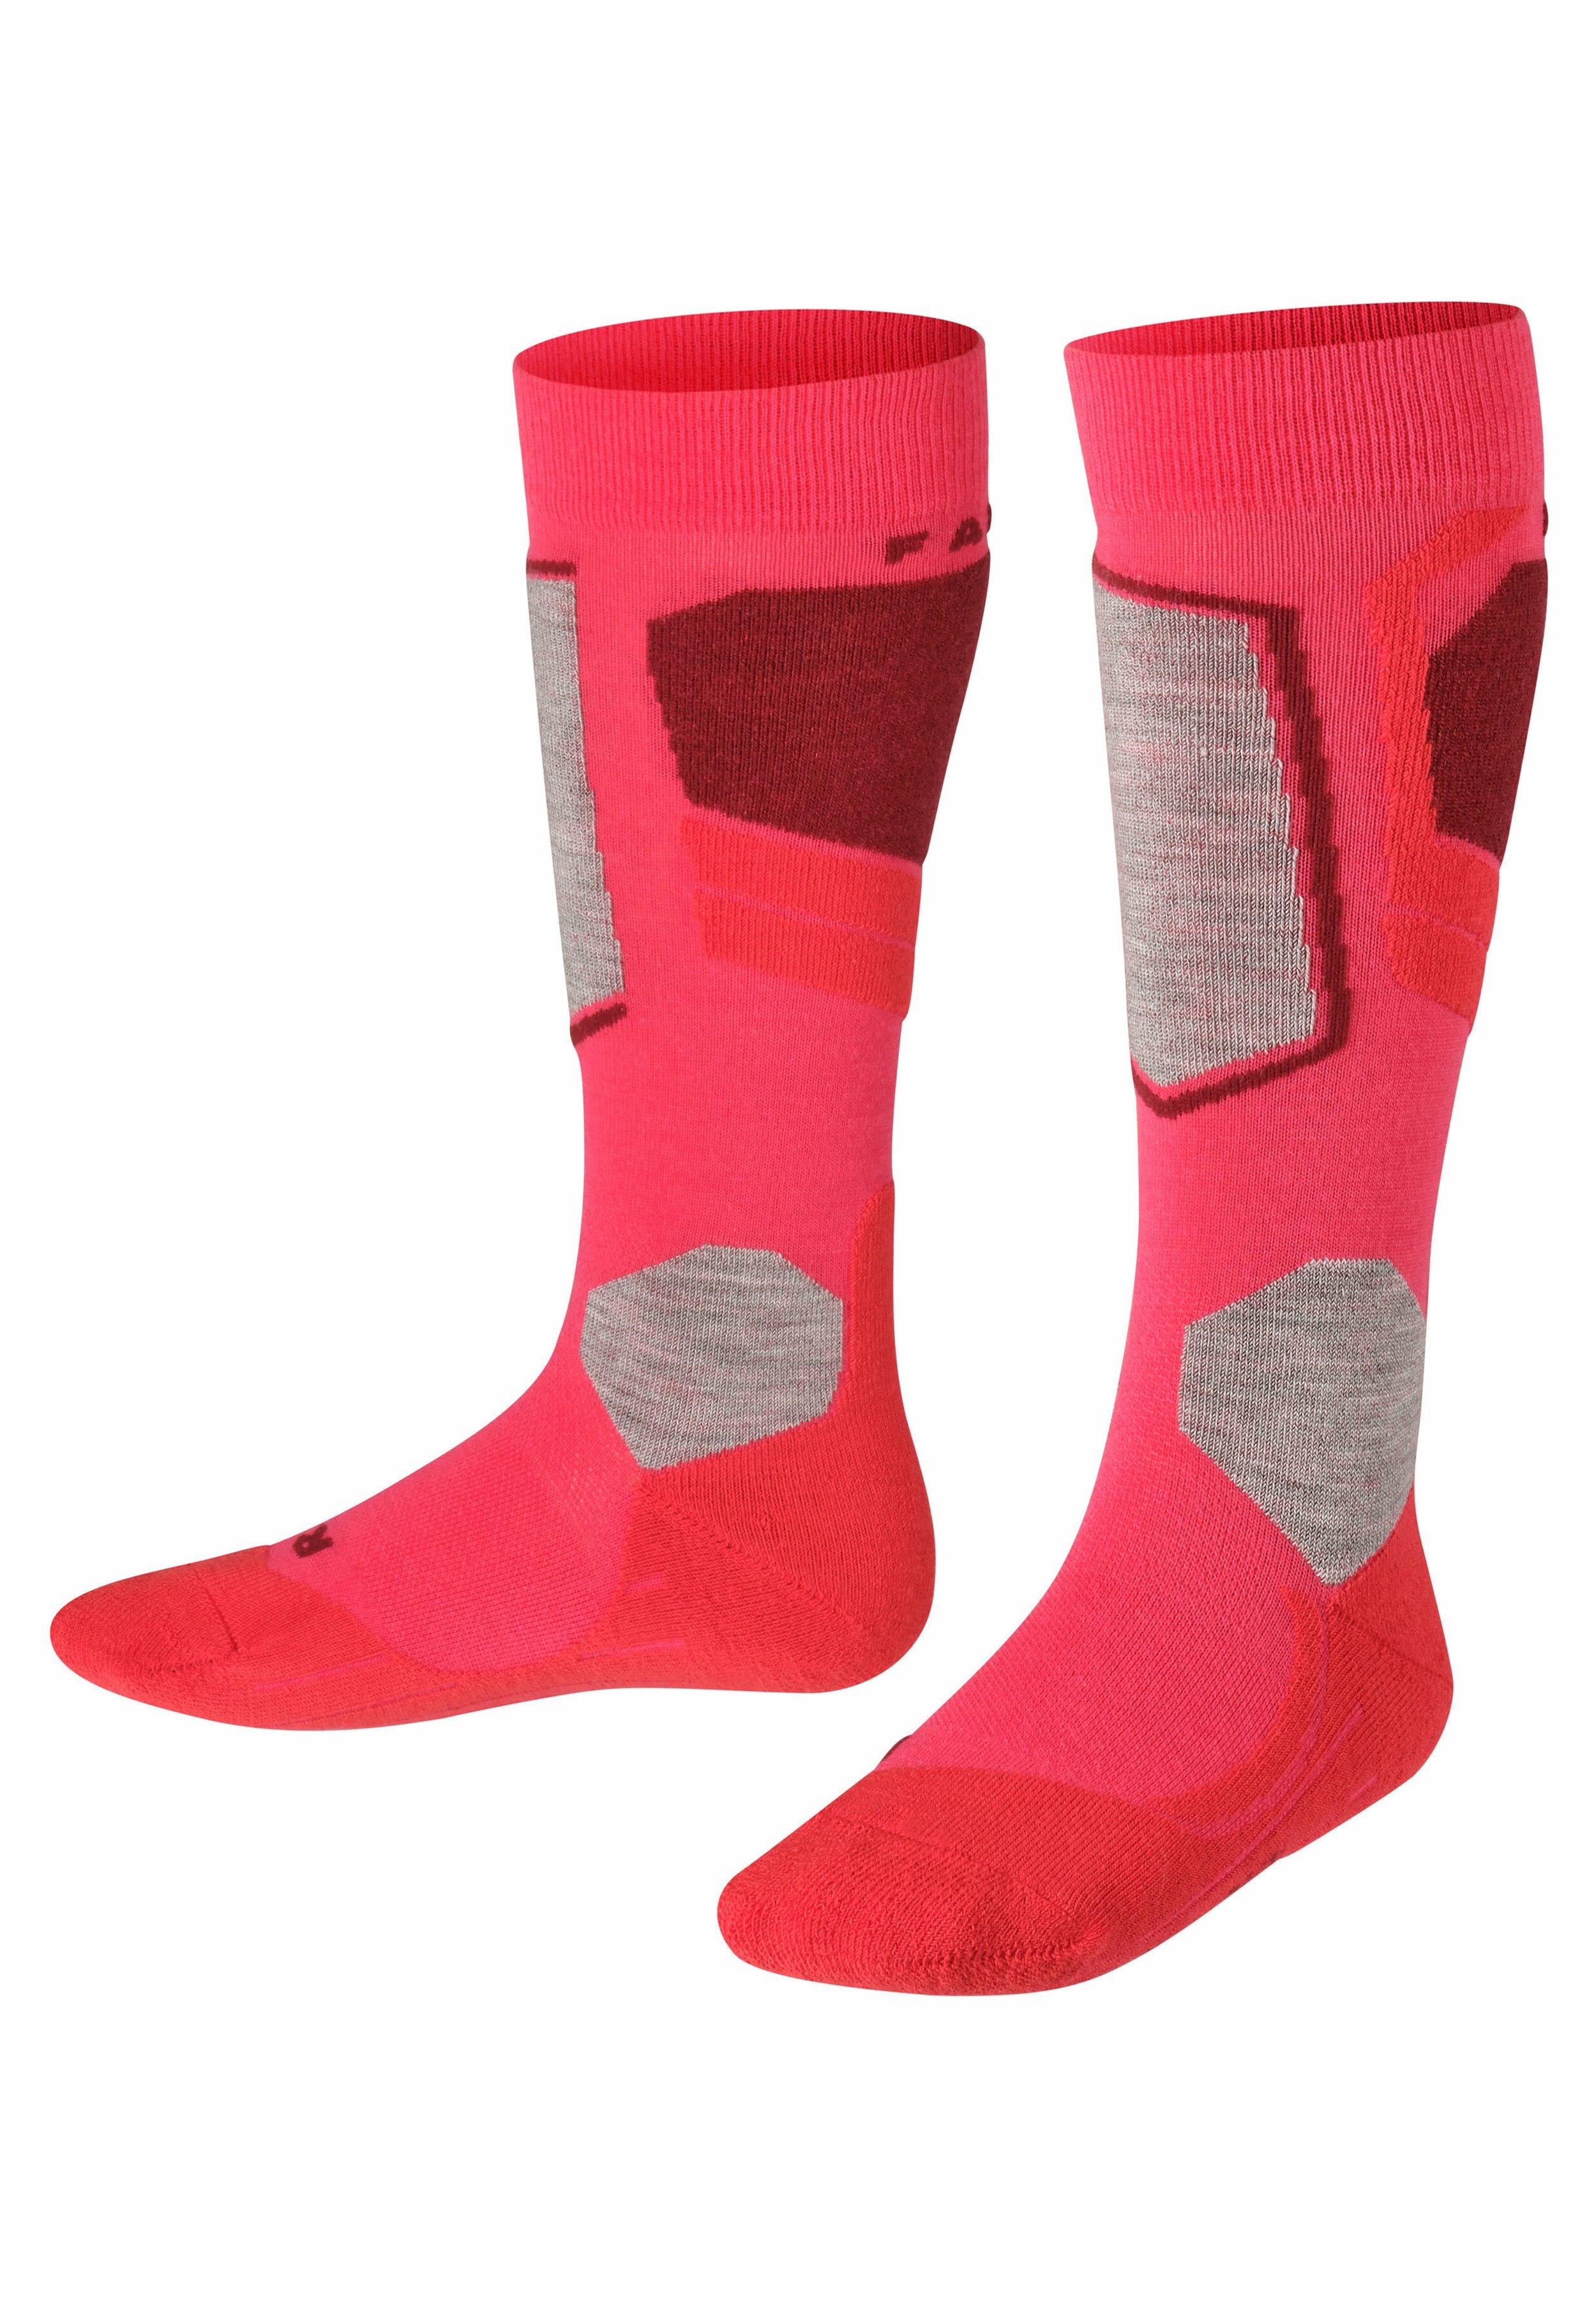 Enfant SK4 - Chaussettes de sport - rose